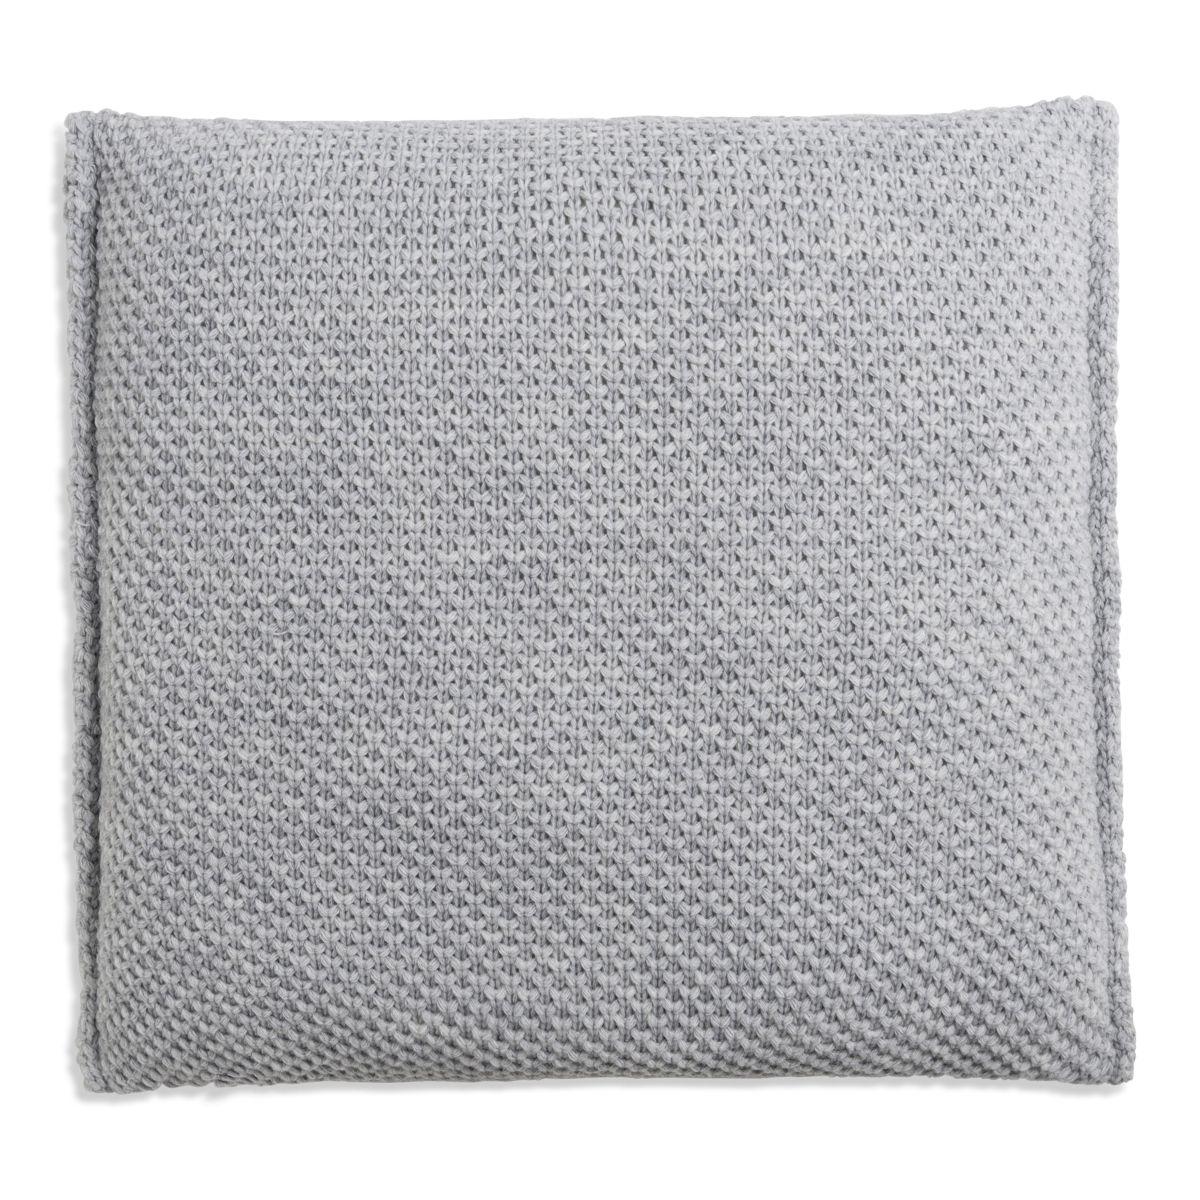 lynn cushion light grey 50x50